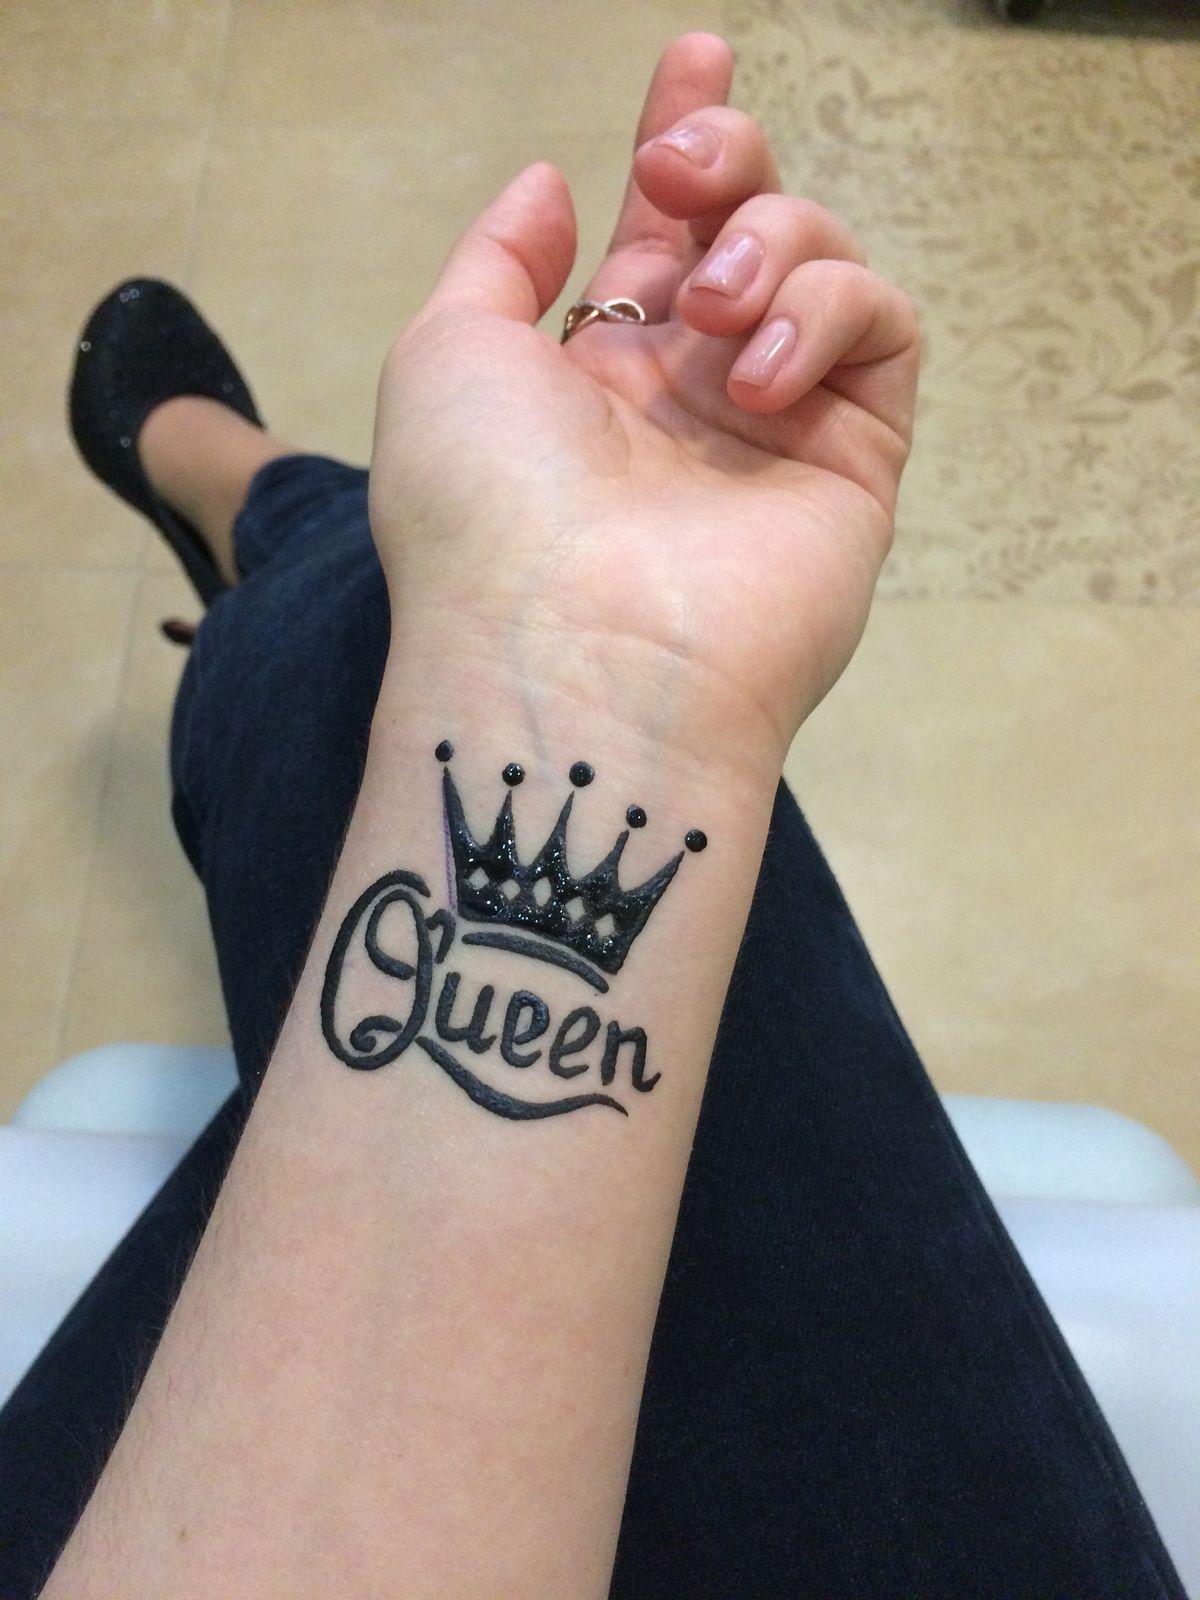 Pin By Amit Kumar On Mehndi Henna Tattoo Designs Simple Henna Tattoo Henna Tattoo Designs Simple